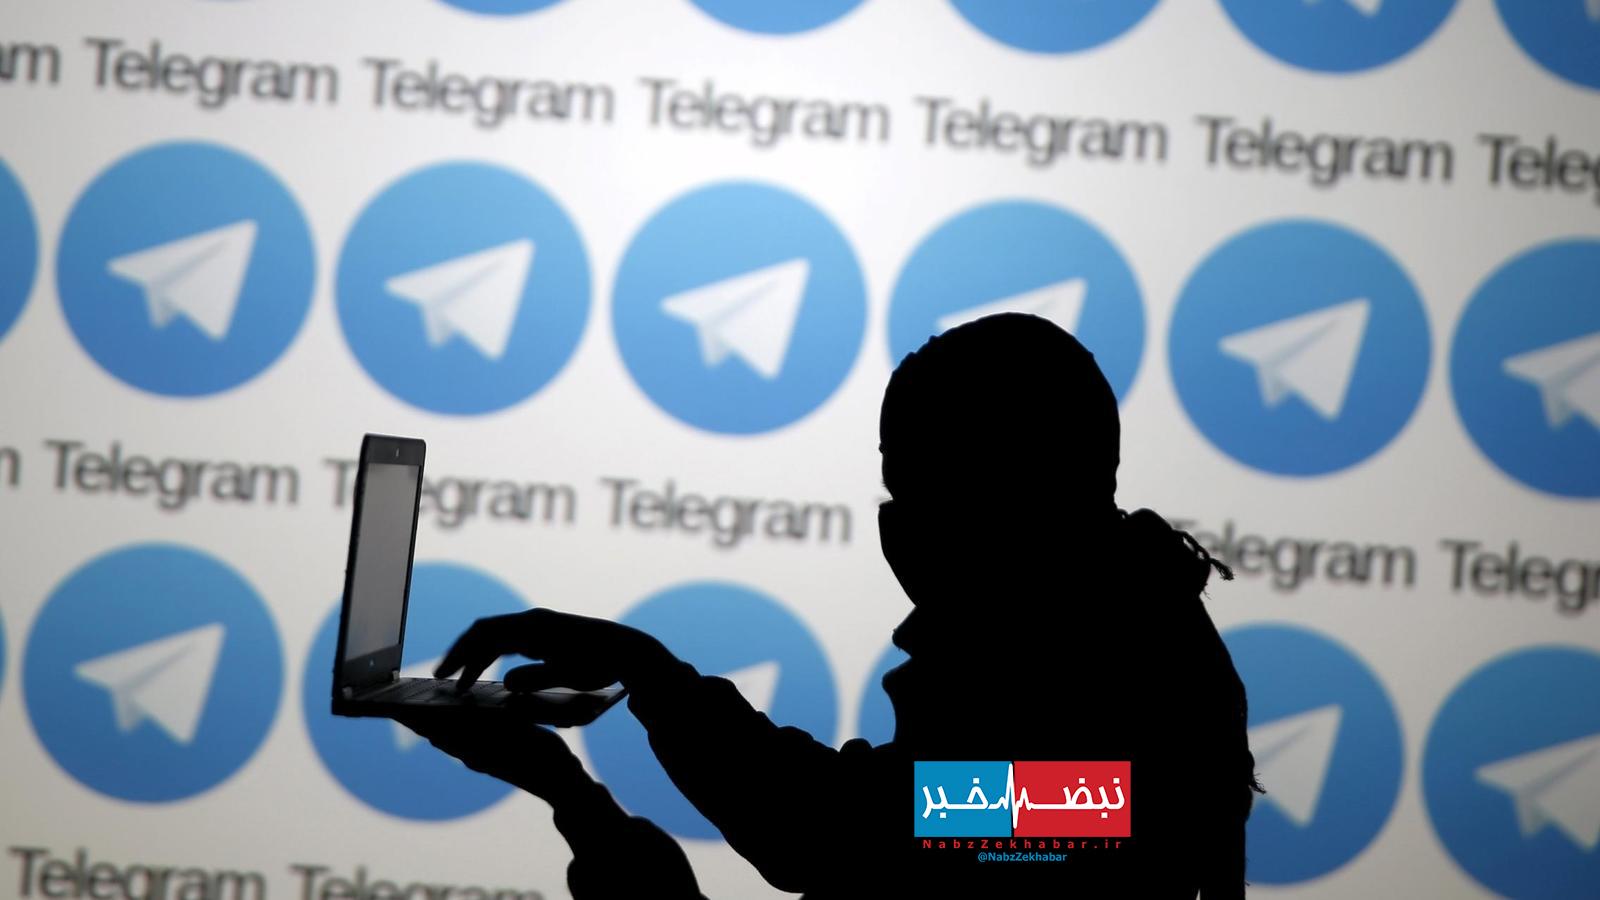 آبروی زن رشتی در تلگرام به حراج رفت